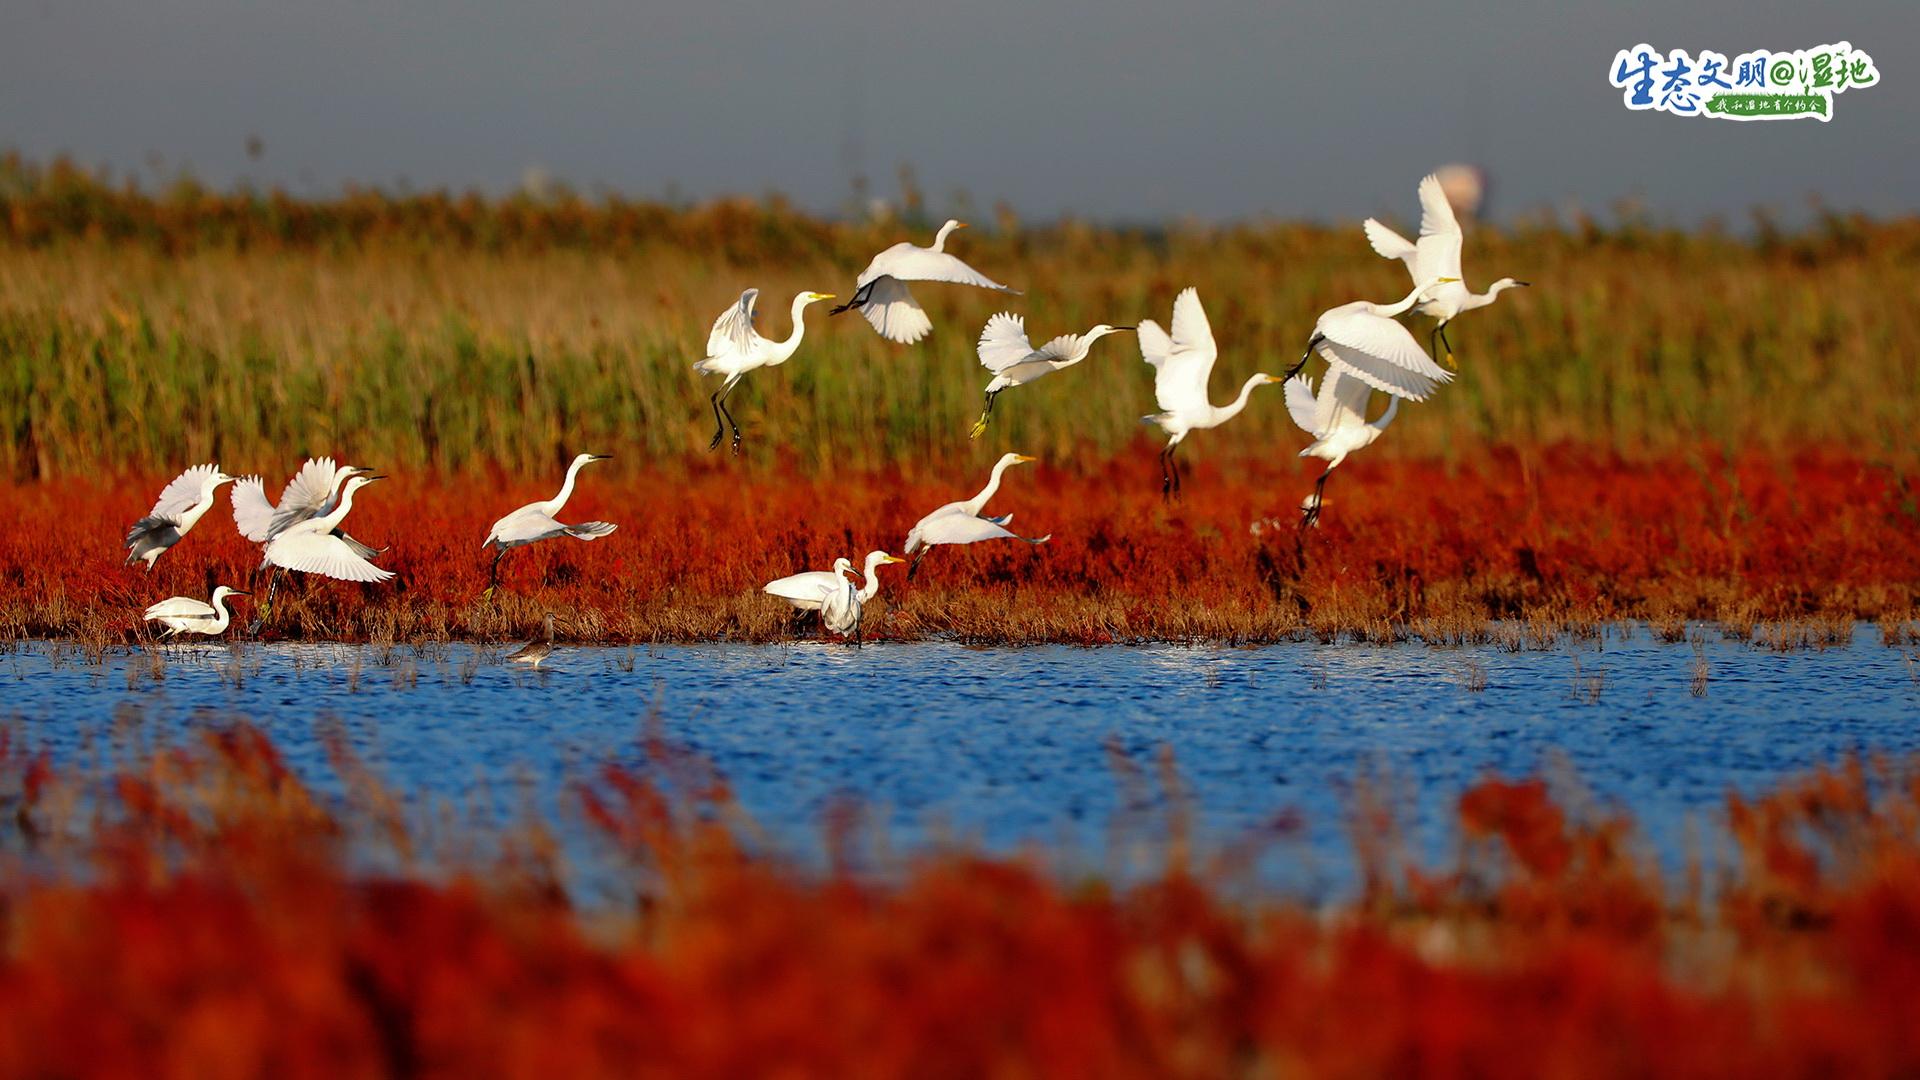 348.87平方公里的天津北大港湿地,生物多样性丰富、生态系统完整,是天津市面积最大的湿地自然保护区,每年春秋两季都会迎来数十万只珍稀鸟类。